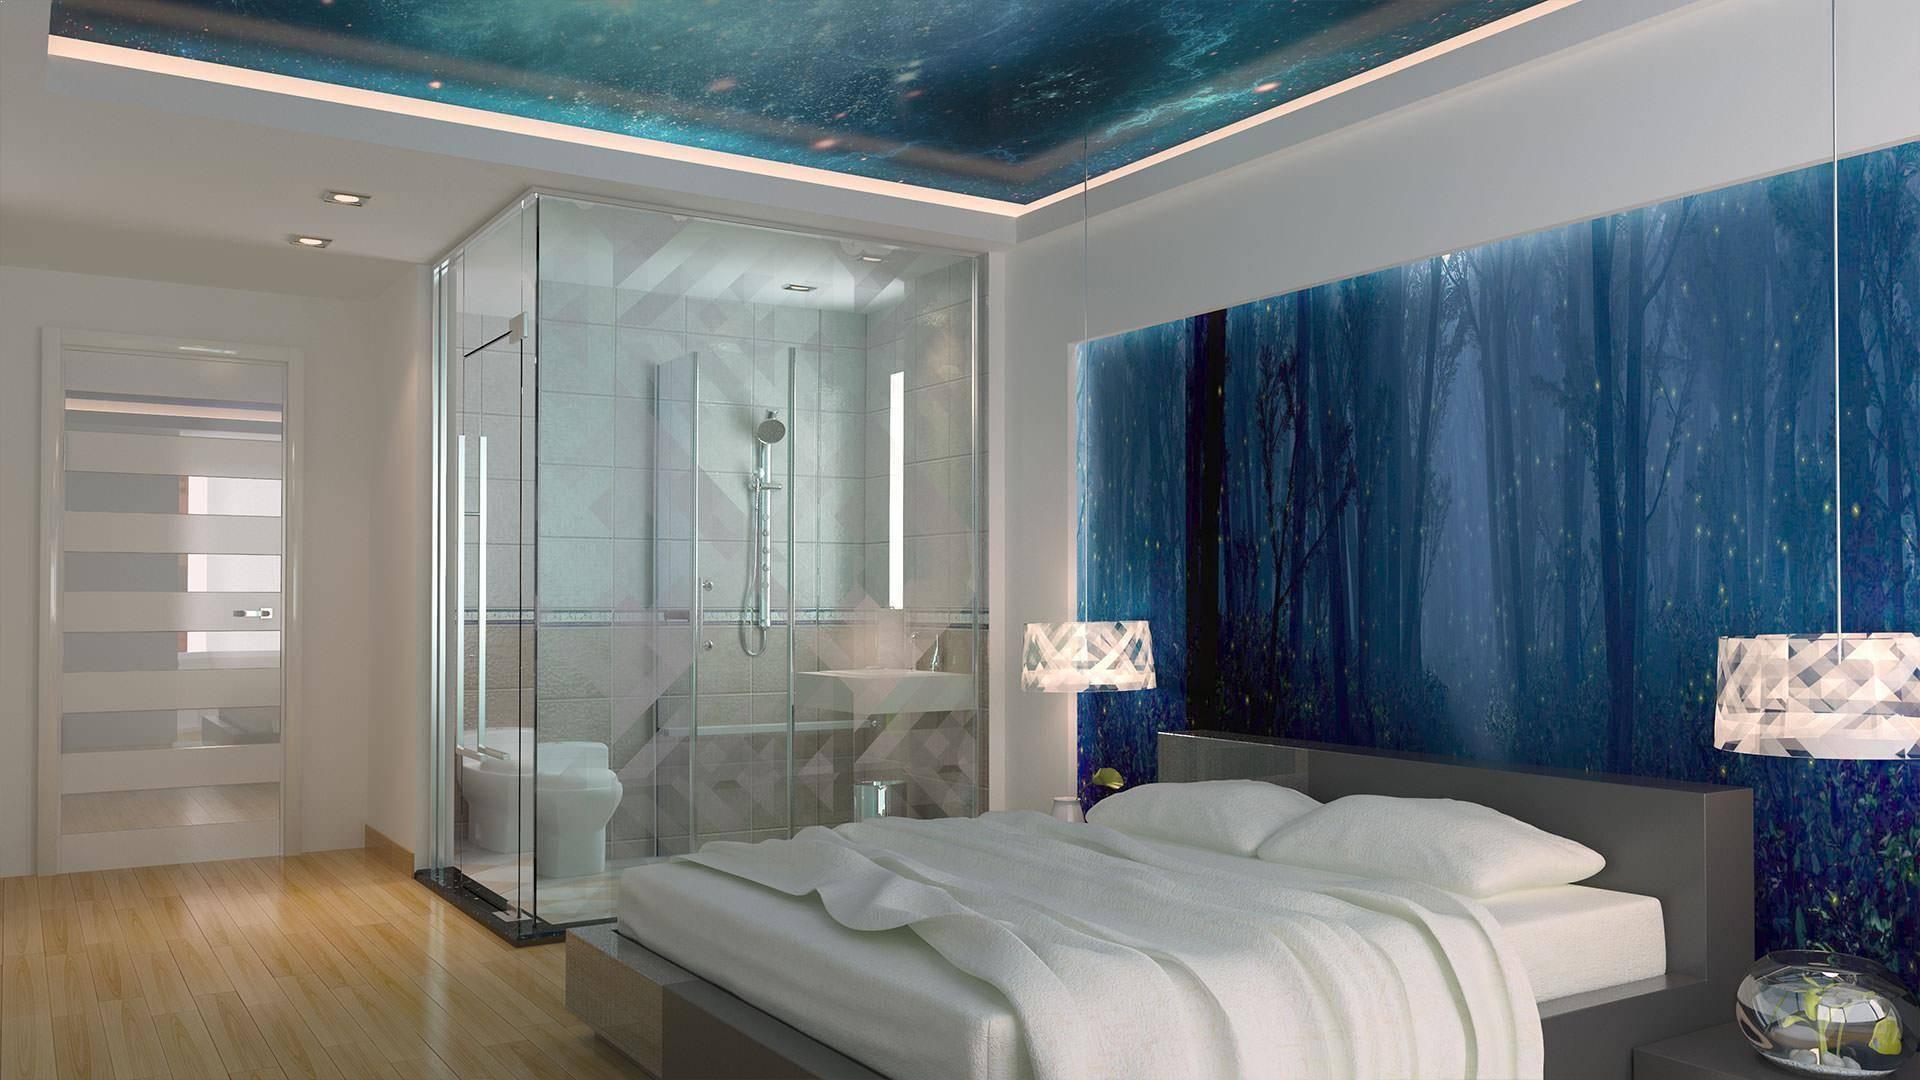 Потолки из стекла в оформлении интерьера разных помещений, виды стеклянных потолков